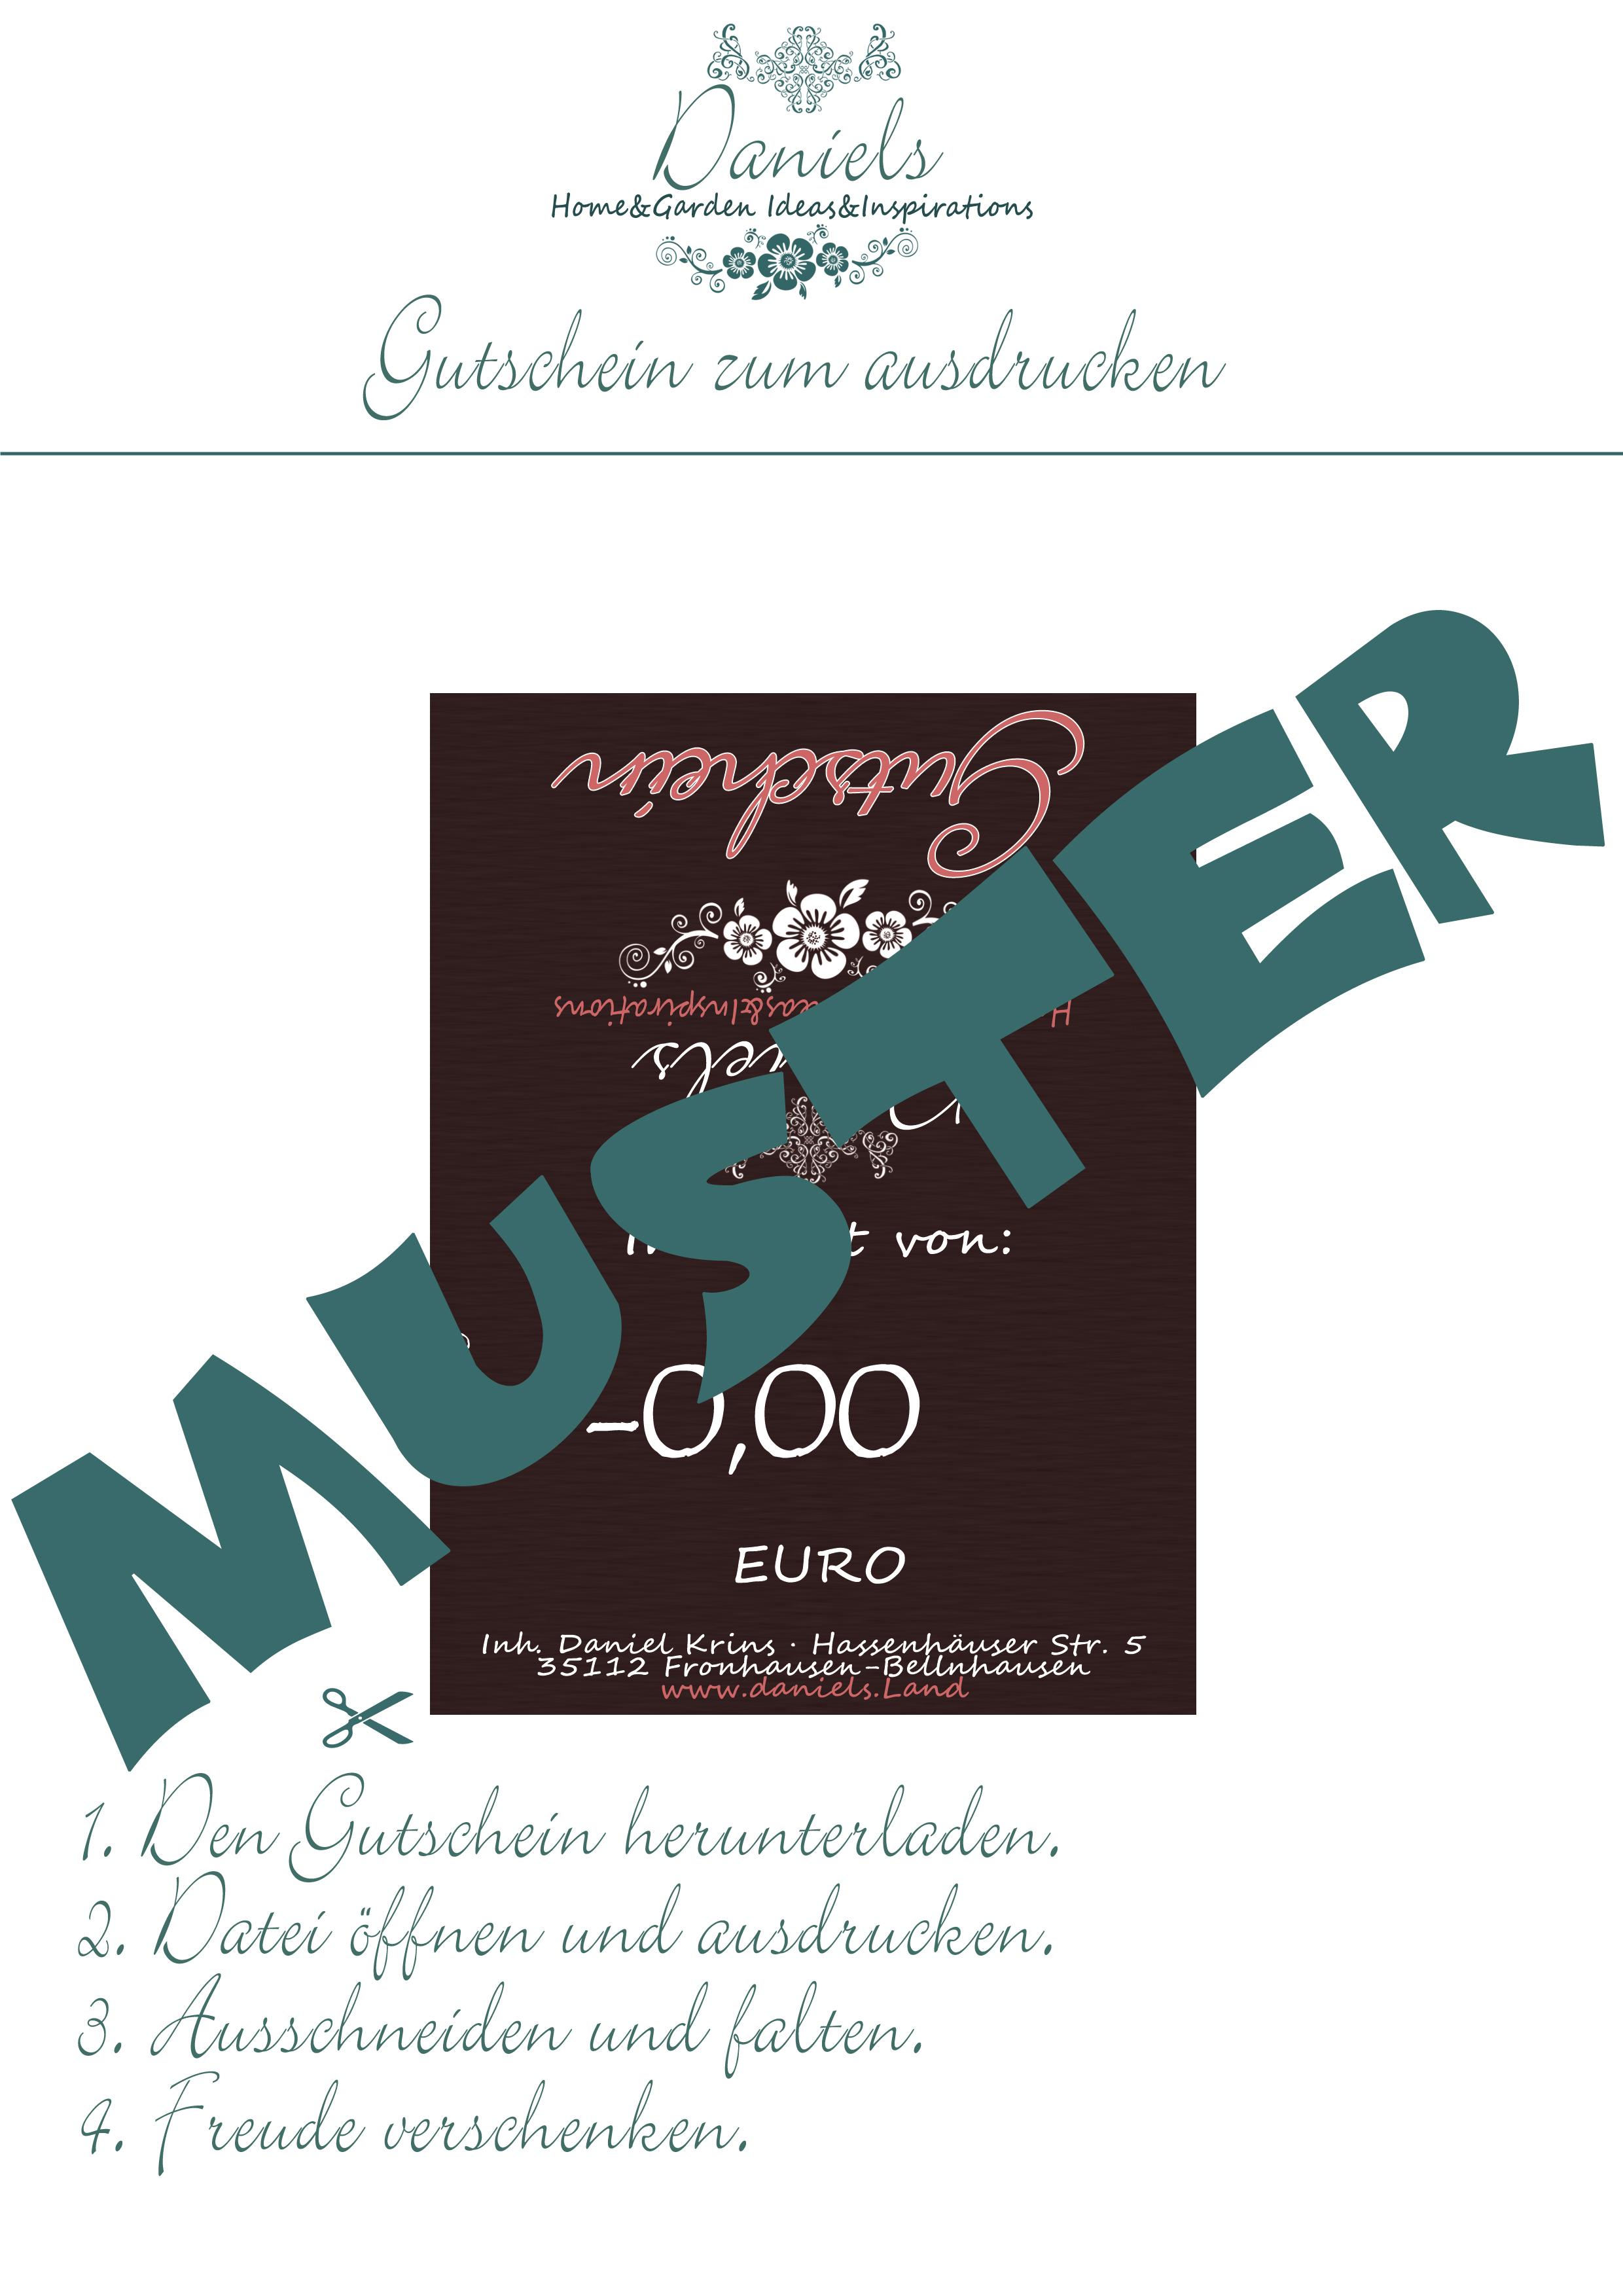 40€ Gutschein zum Ausdrucken